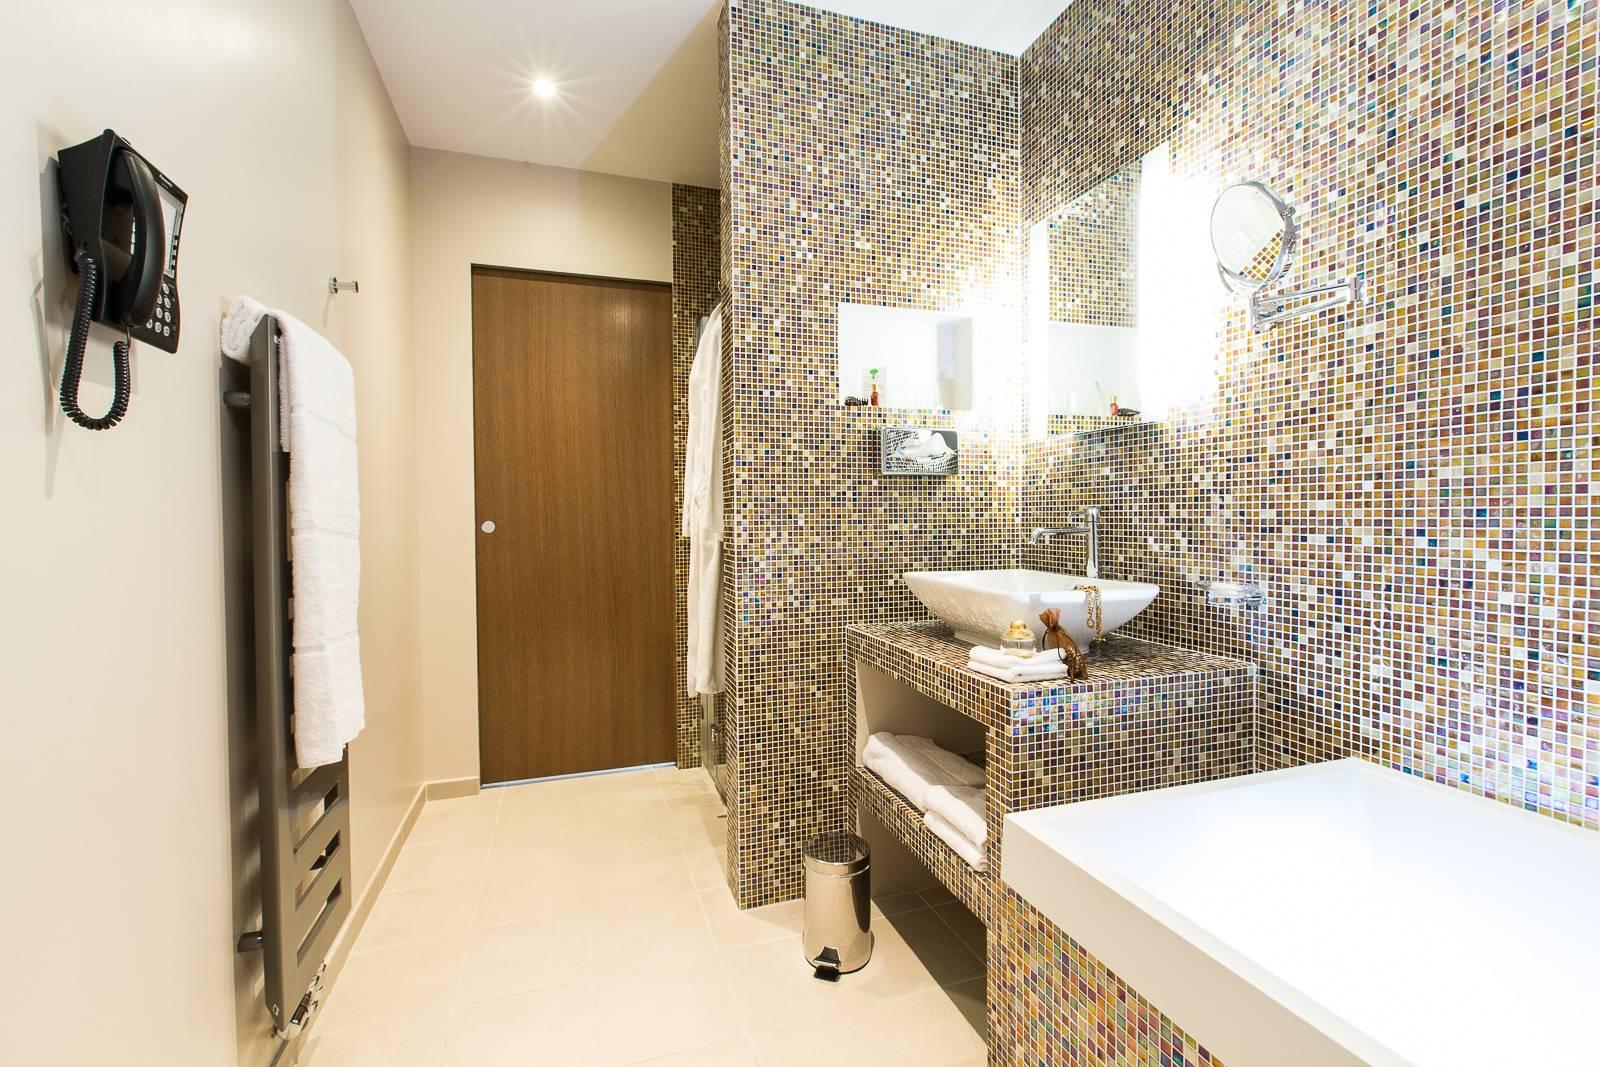 Hotel Marotte chambre confort - salle de bain